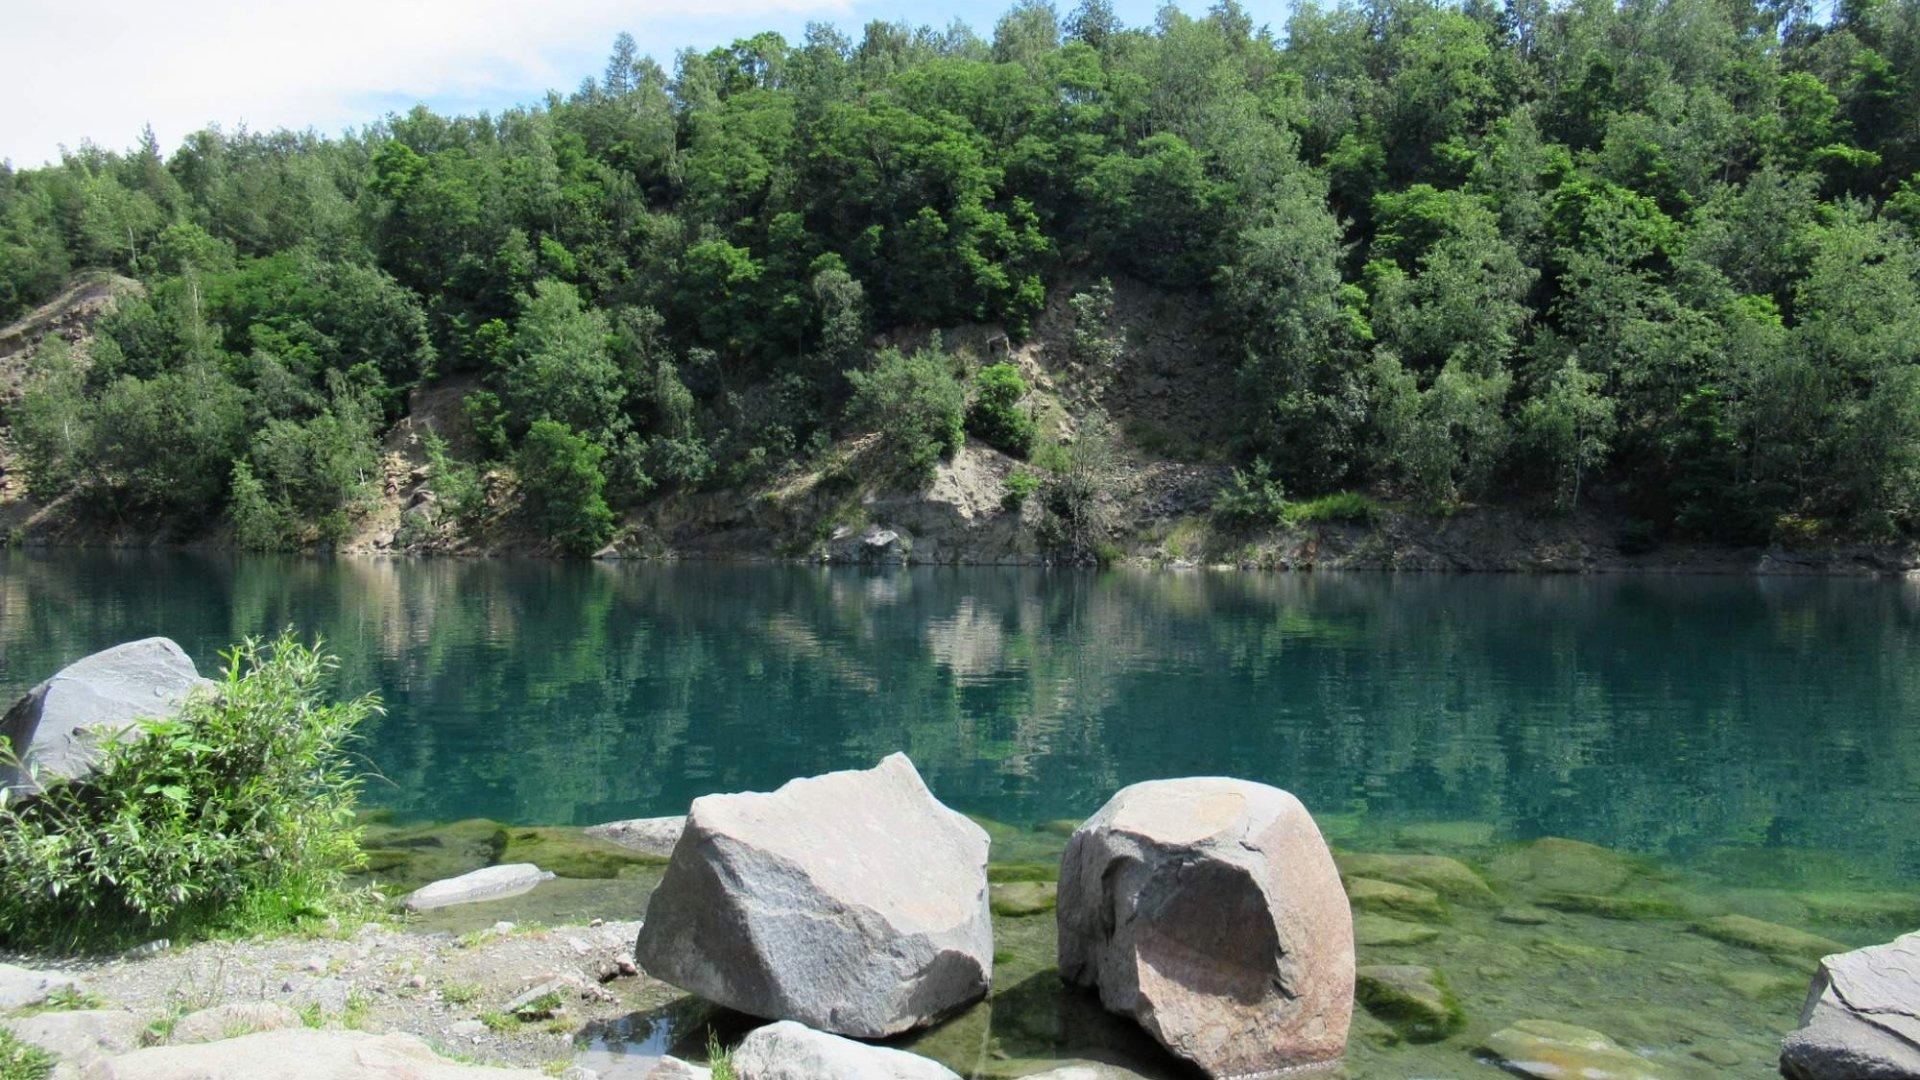 Zatopený lom Výkleky – dokonalý tip na koupání s průzračnou vodou!